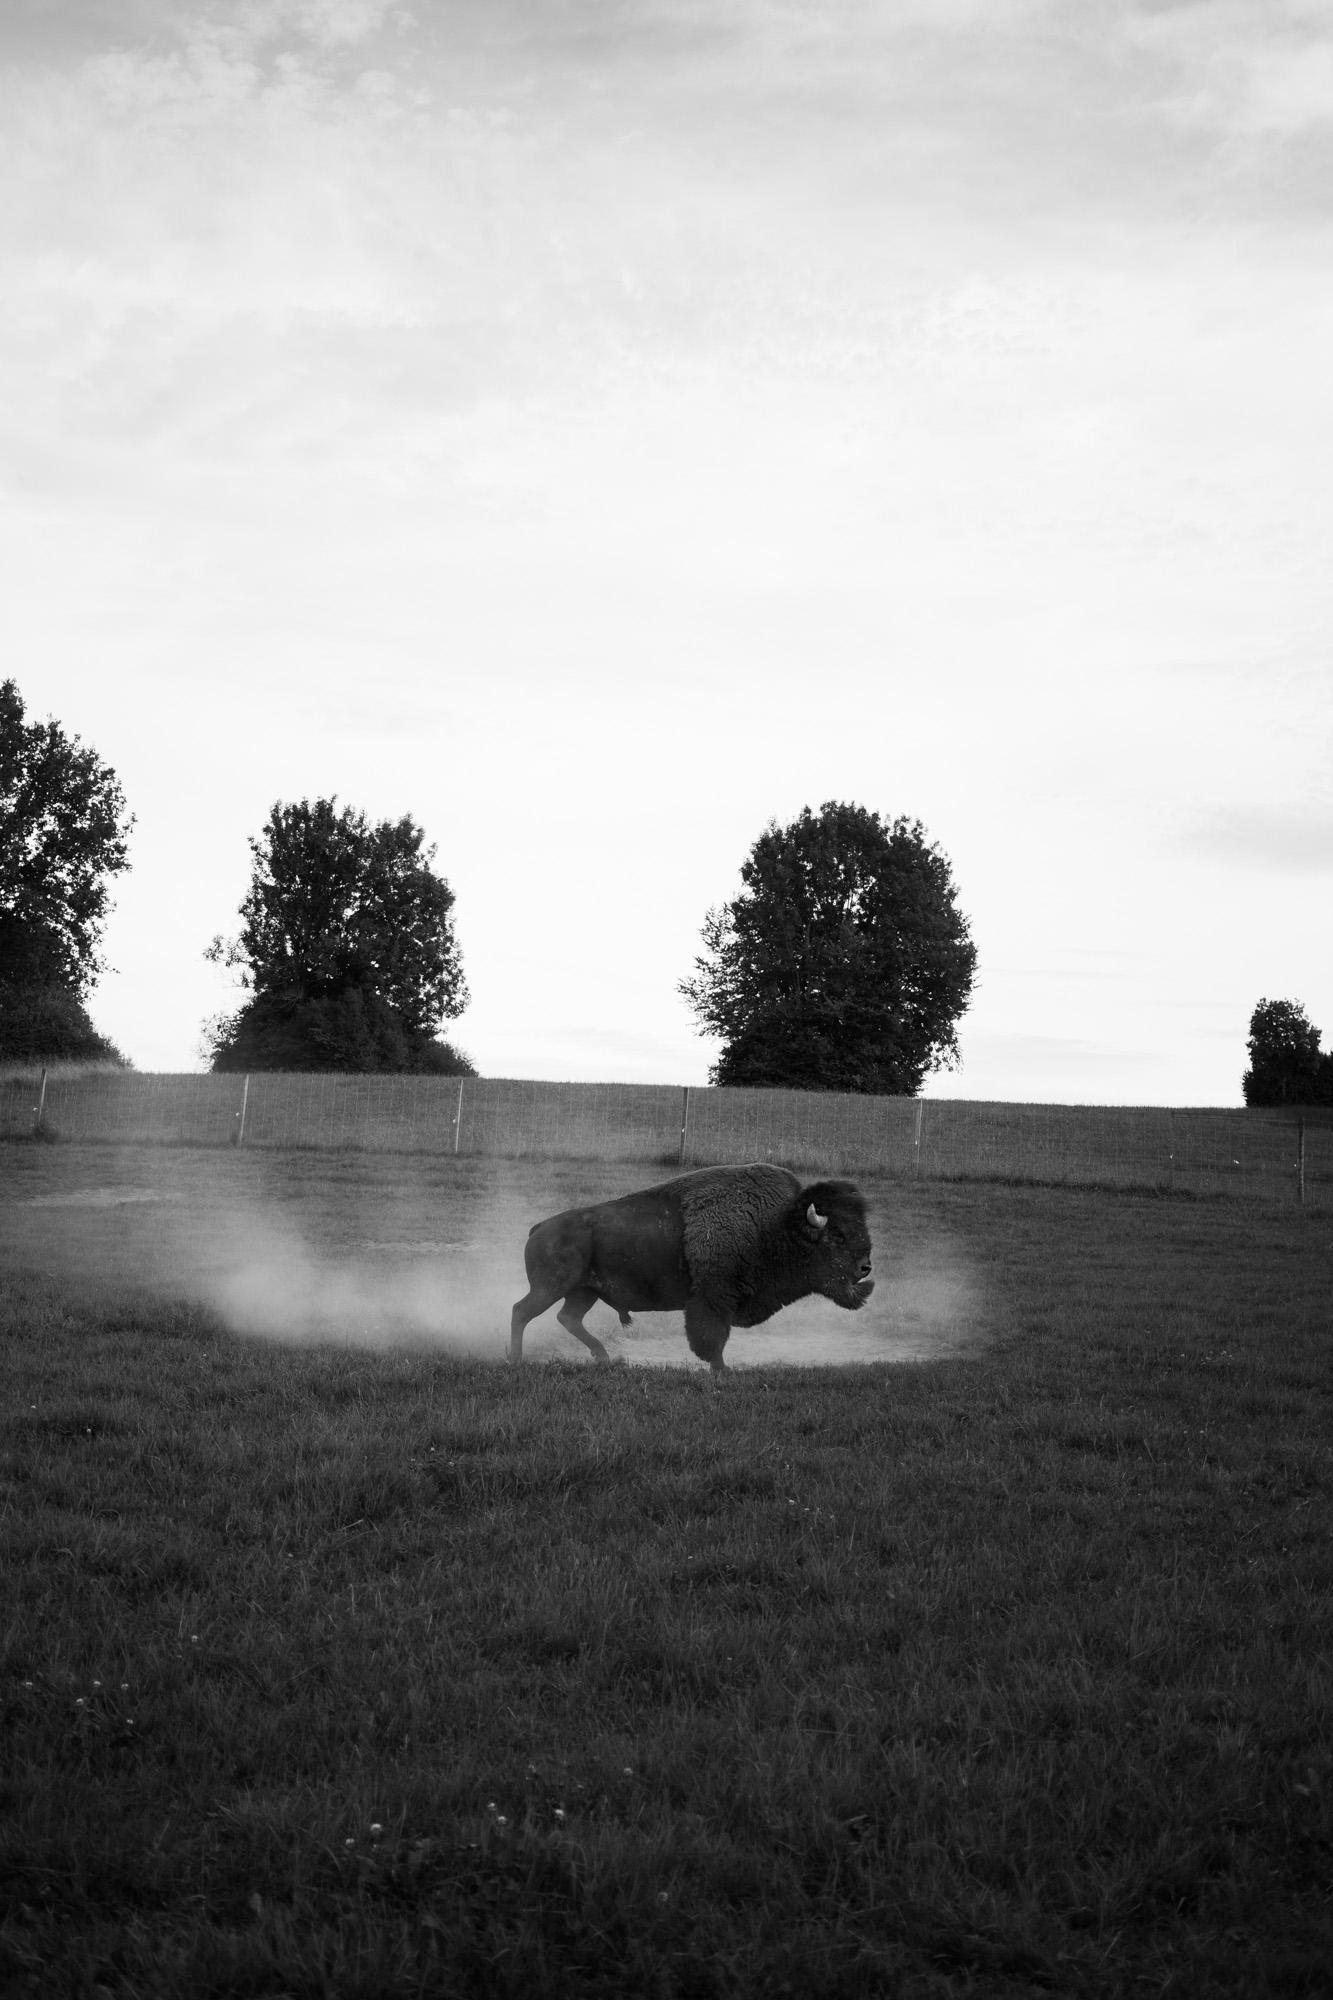 nouveau-monde-fribourg-suisse-photographe-pierre-yves-massot-3.jpg